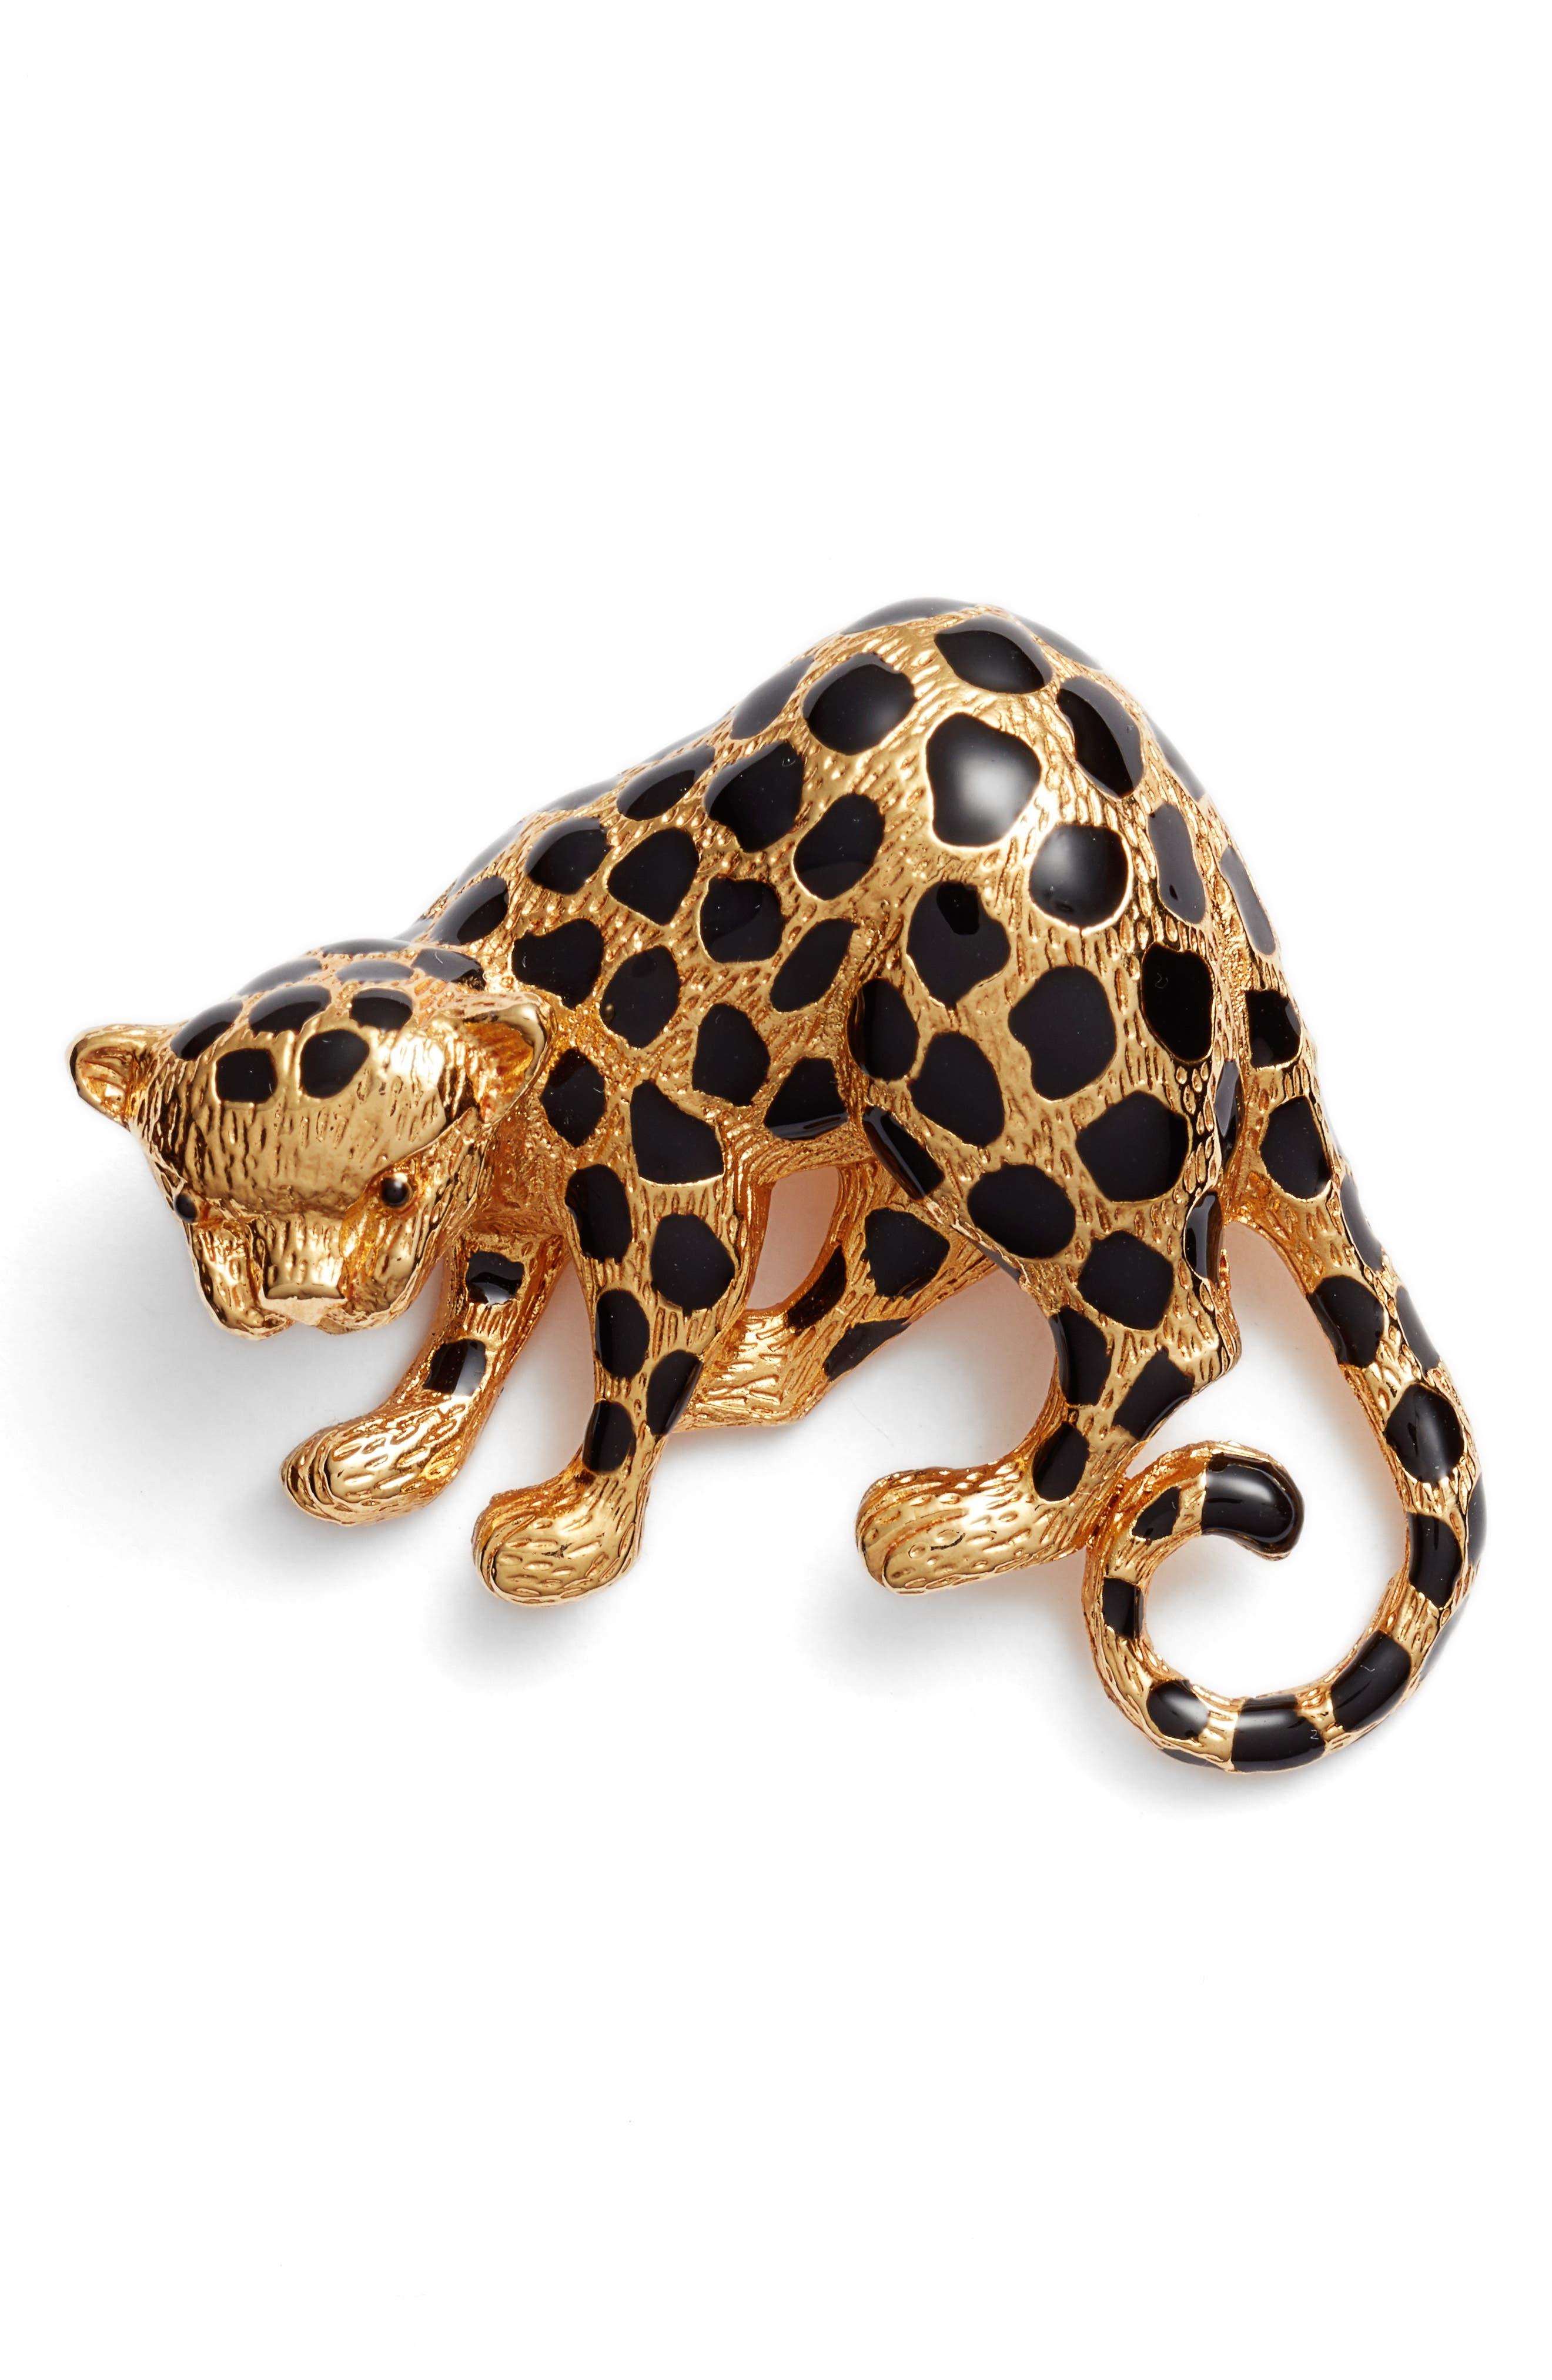 Oscar de la Renta Cheetah Brooch